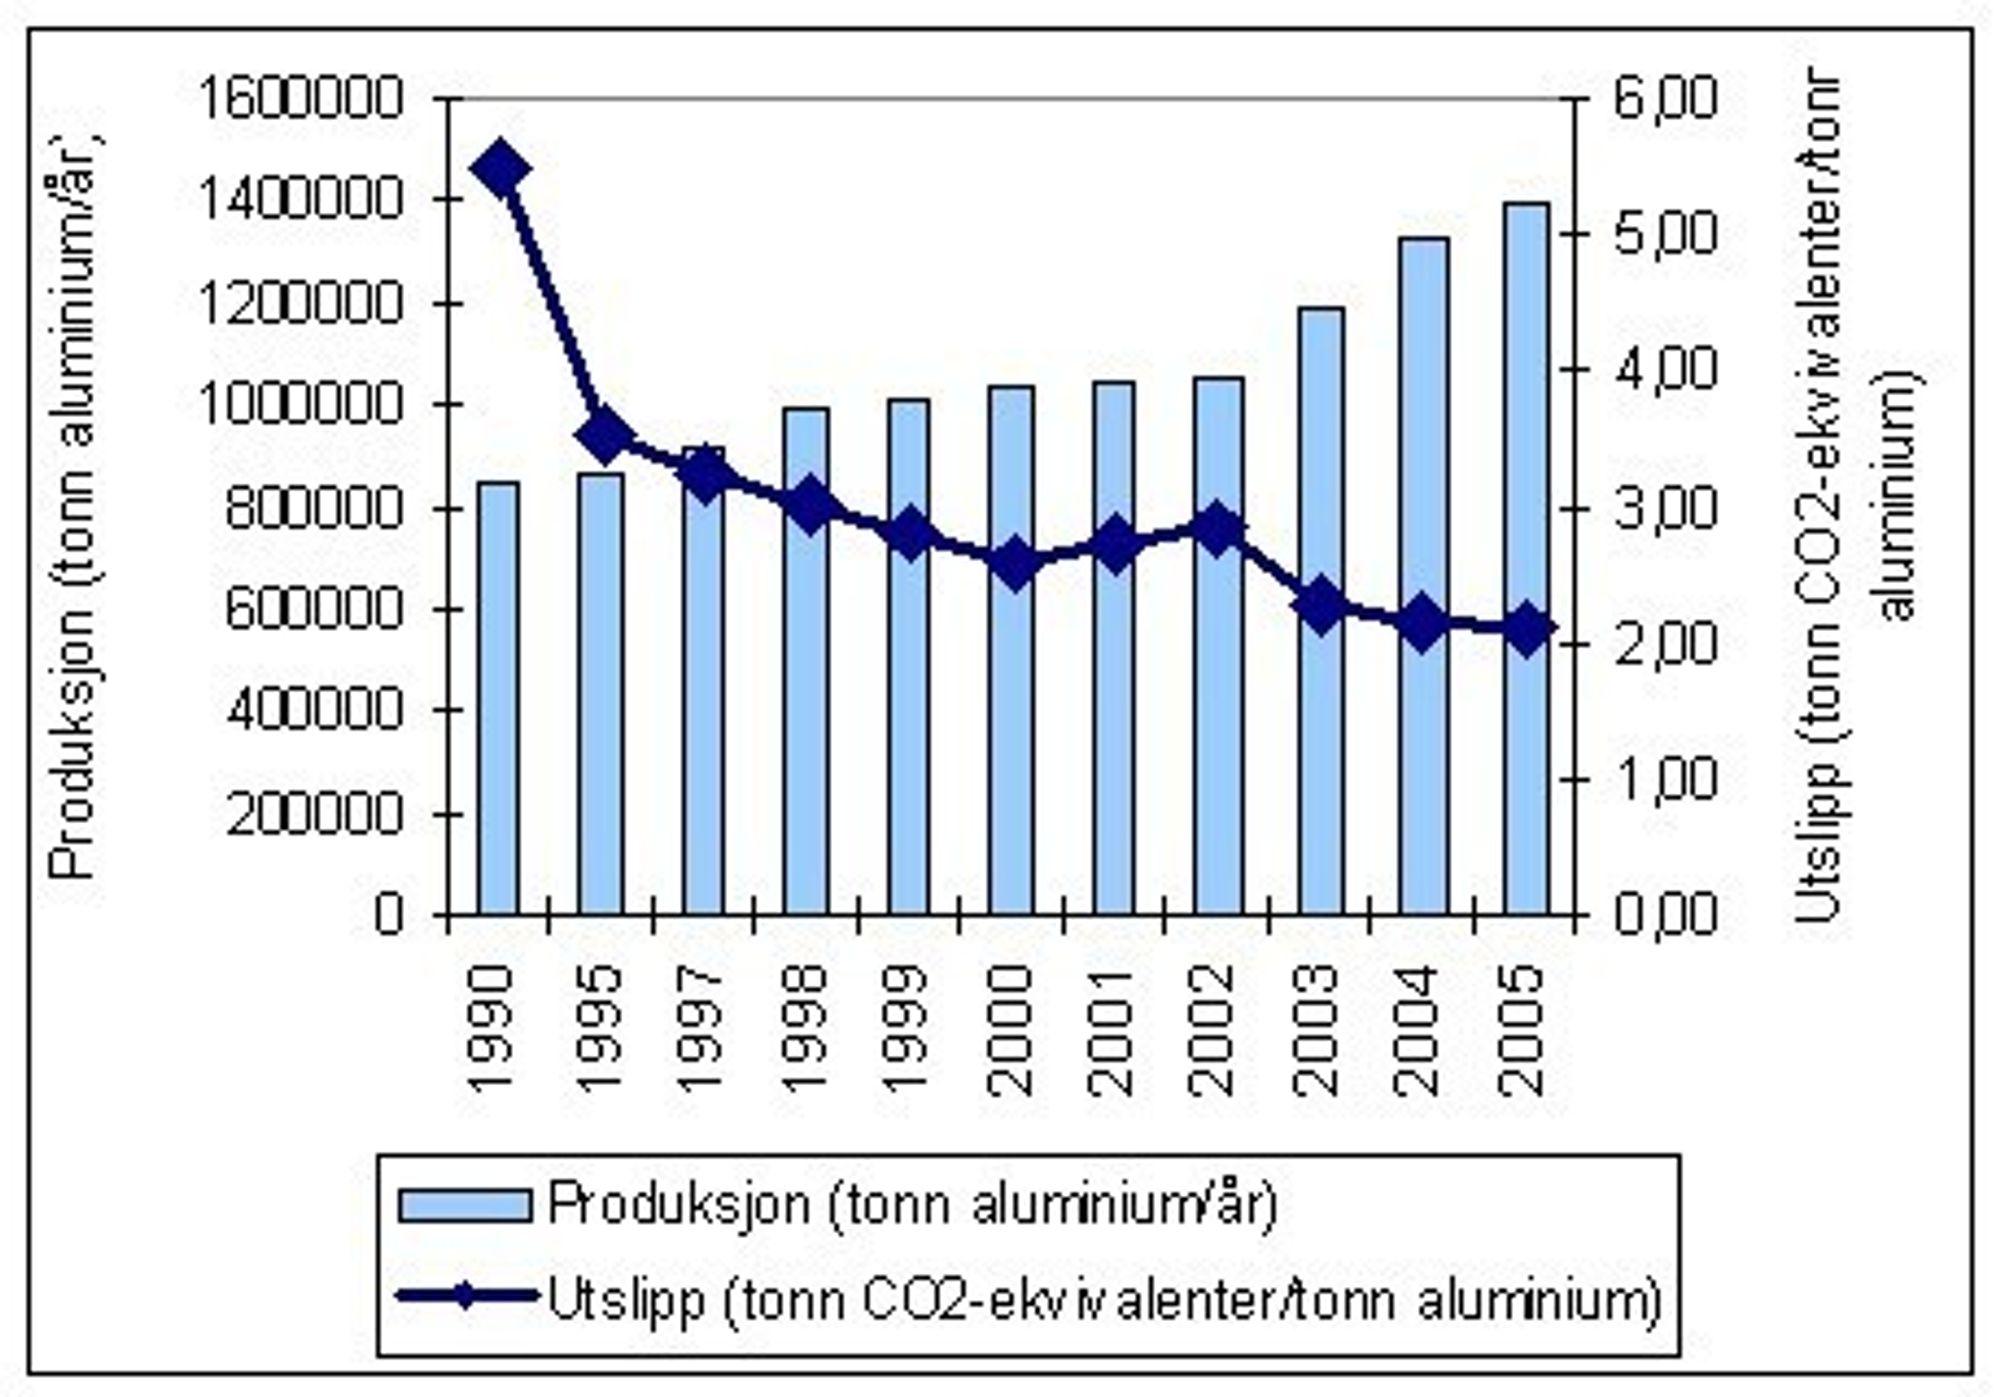 Dramatisk utslippsreduksjon fra aluminiumsverk